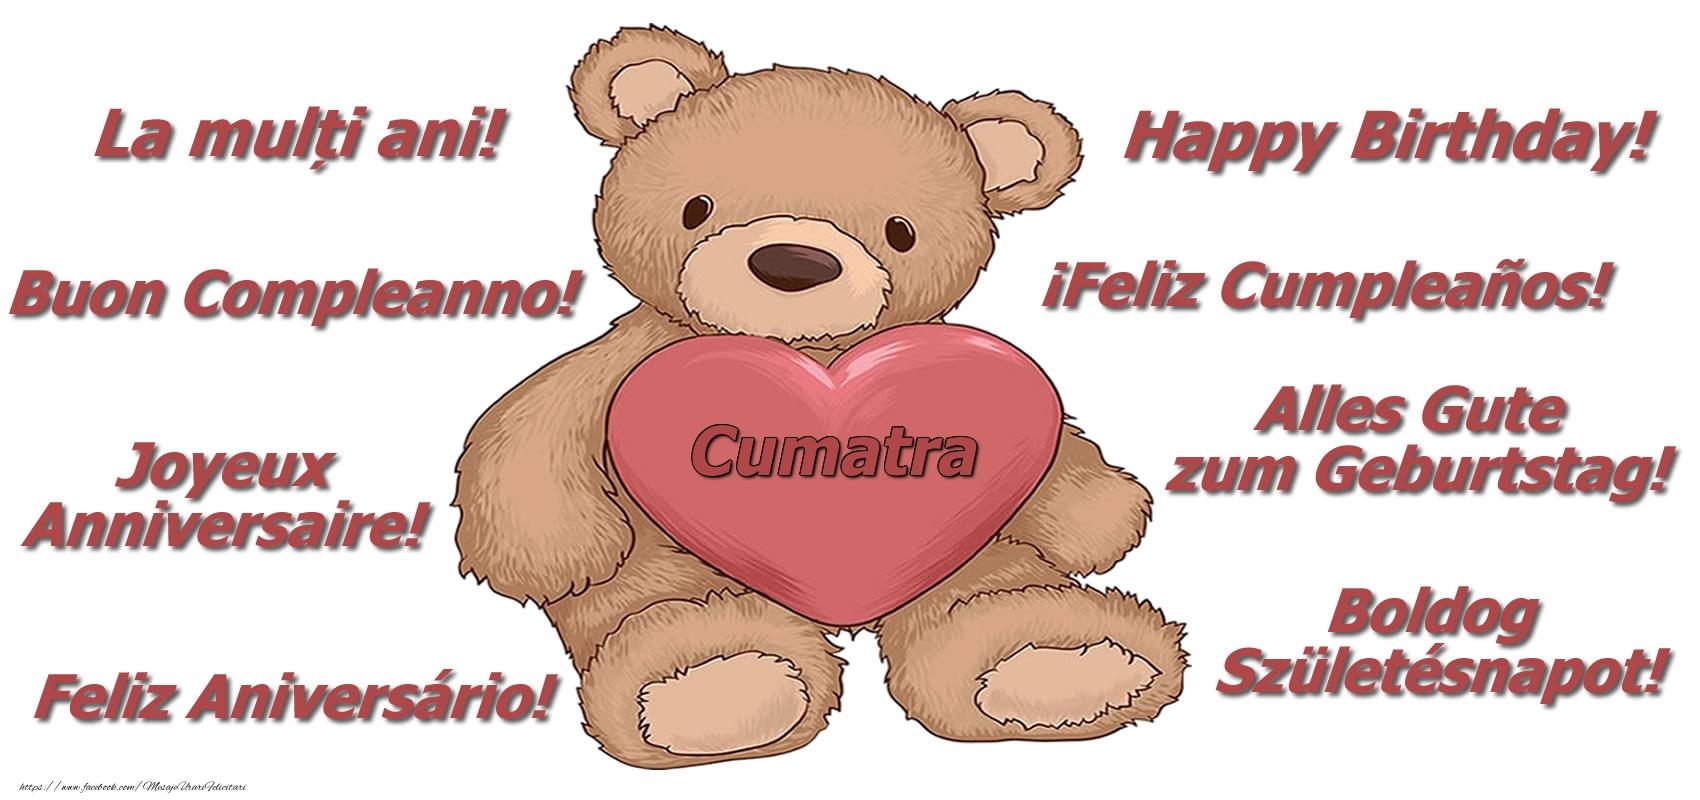 Felicitari de zi de nastere pentru Cumatra - La multi ani cumatra! - Ursulet